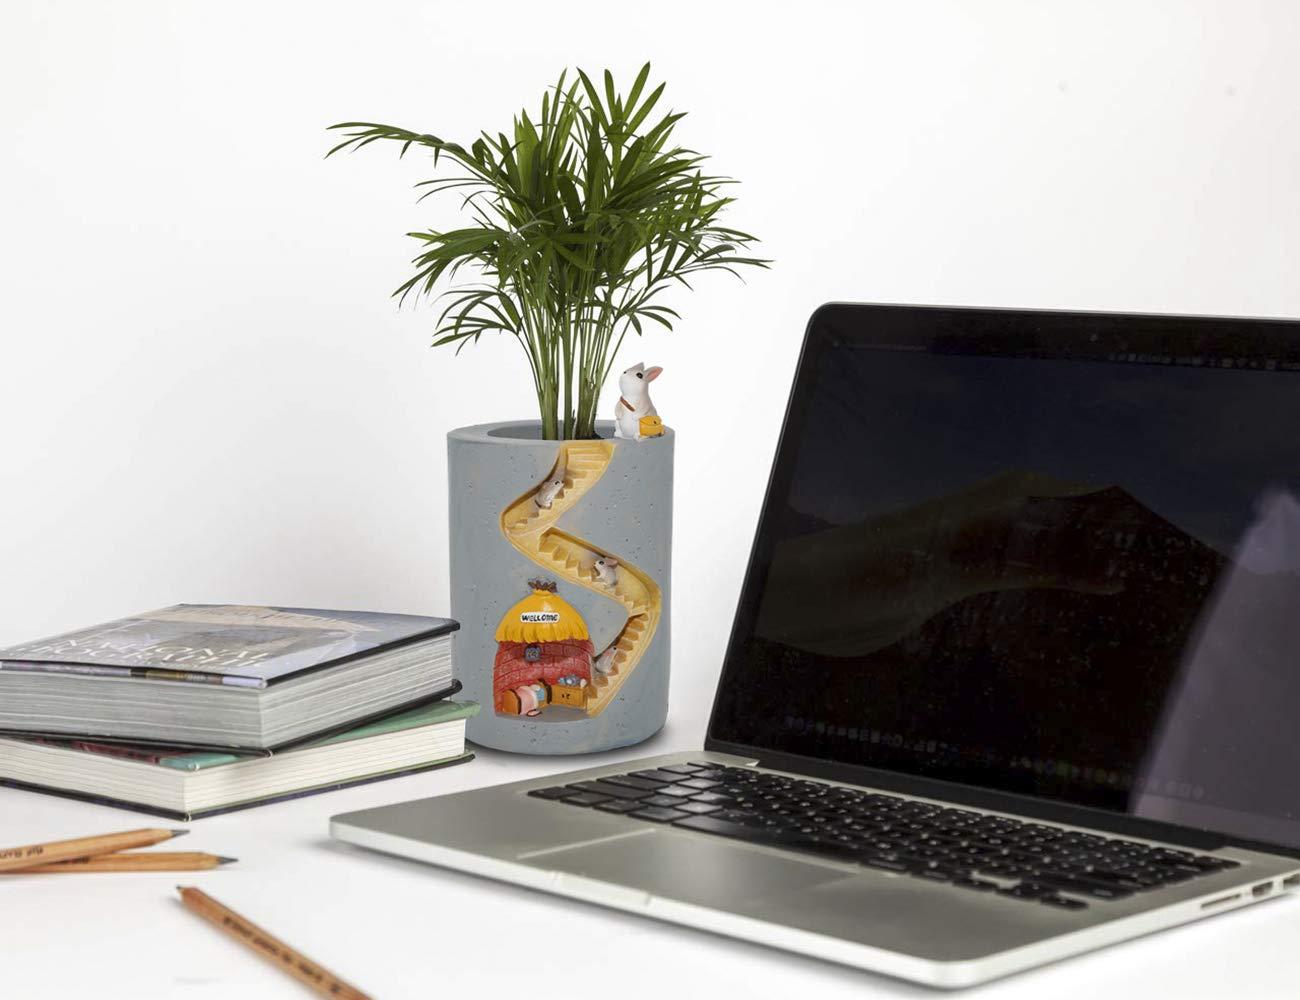 ChasBete Niedlichen Blument/öpfe Indoor-Kaninchengarten Pflanzer Kreative Harzpflanzen T/öpfe Pinsel Topf Kleine Dekorative Wiederverwendbare